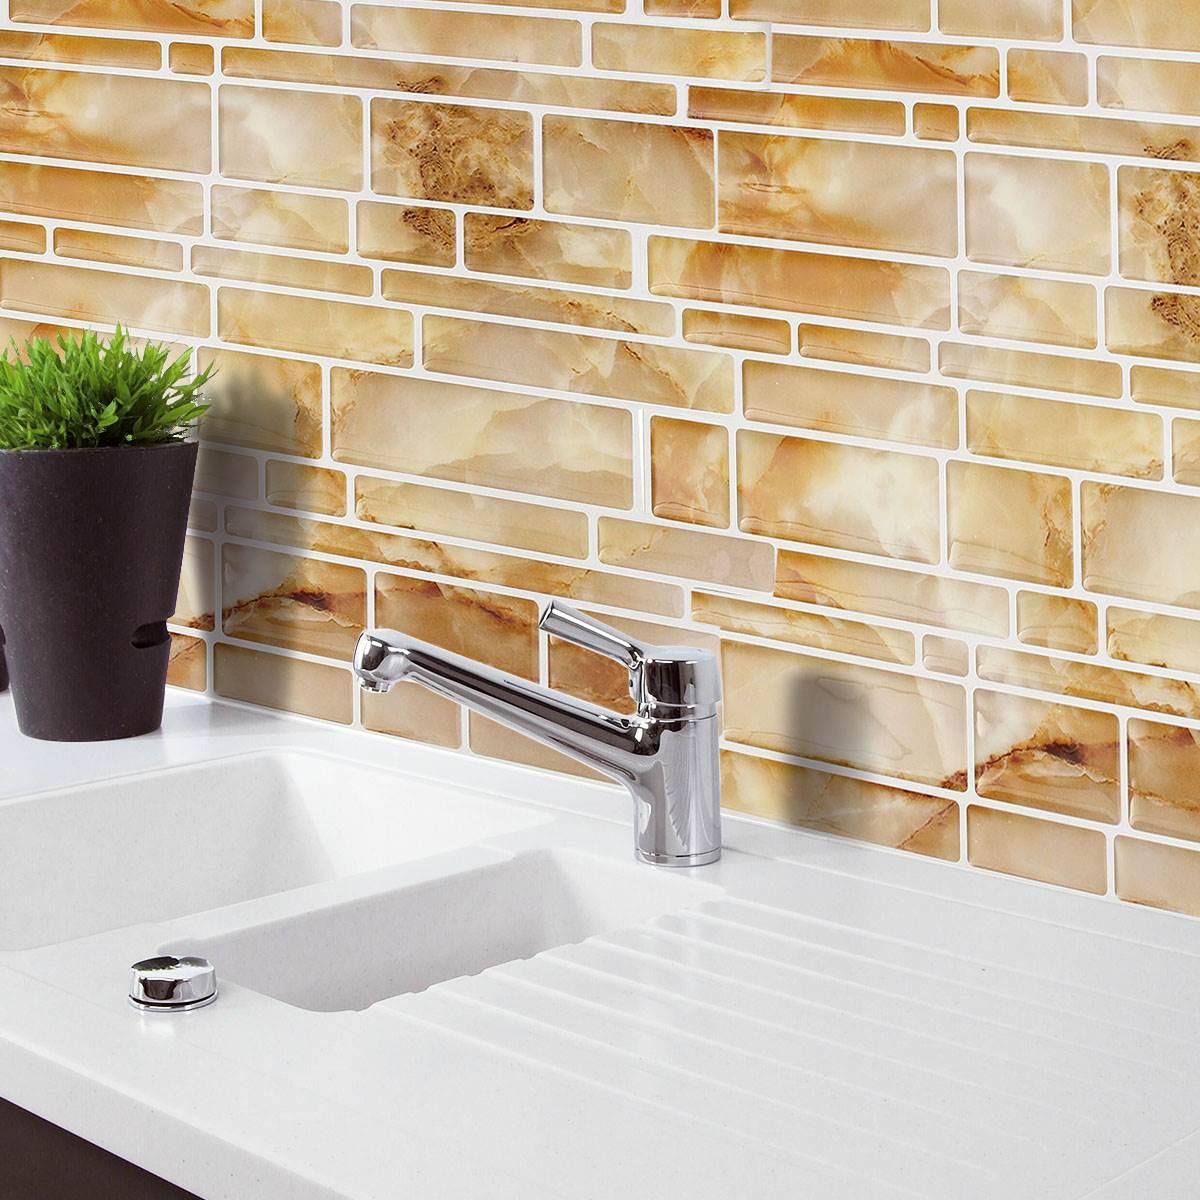 mattoni per bagno ~ Comarg.com = Lussuoso Design del Bagno con ...